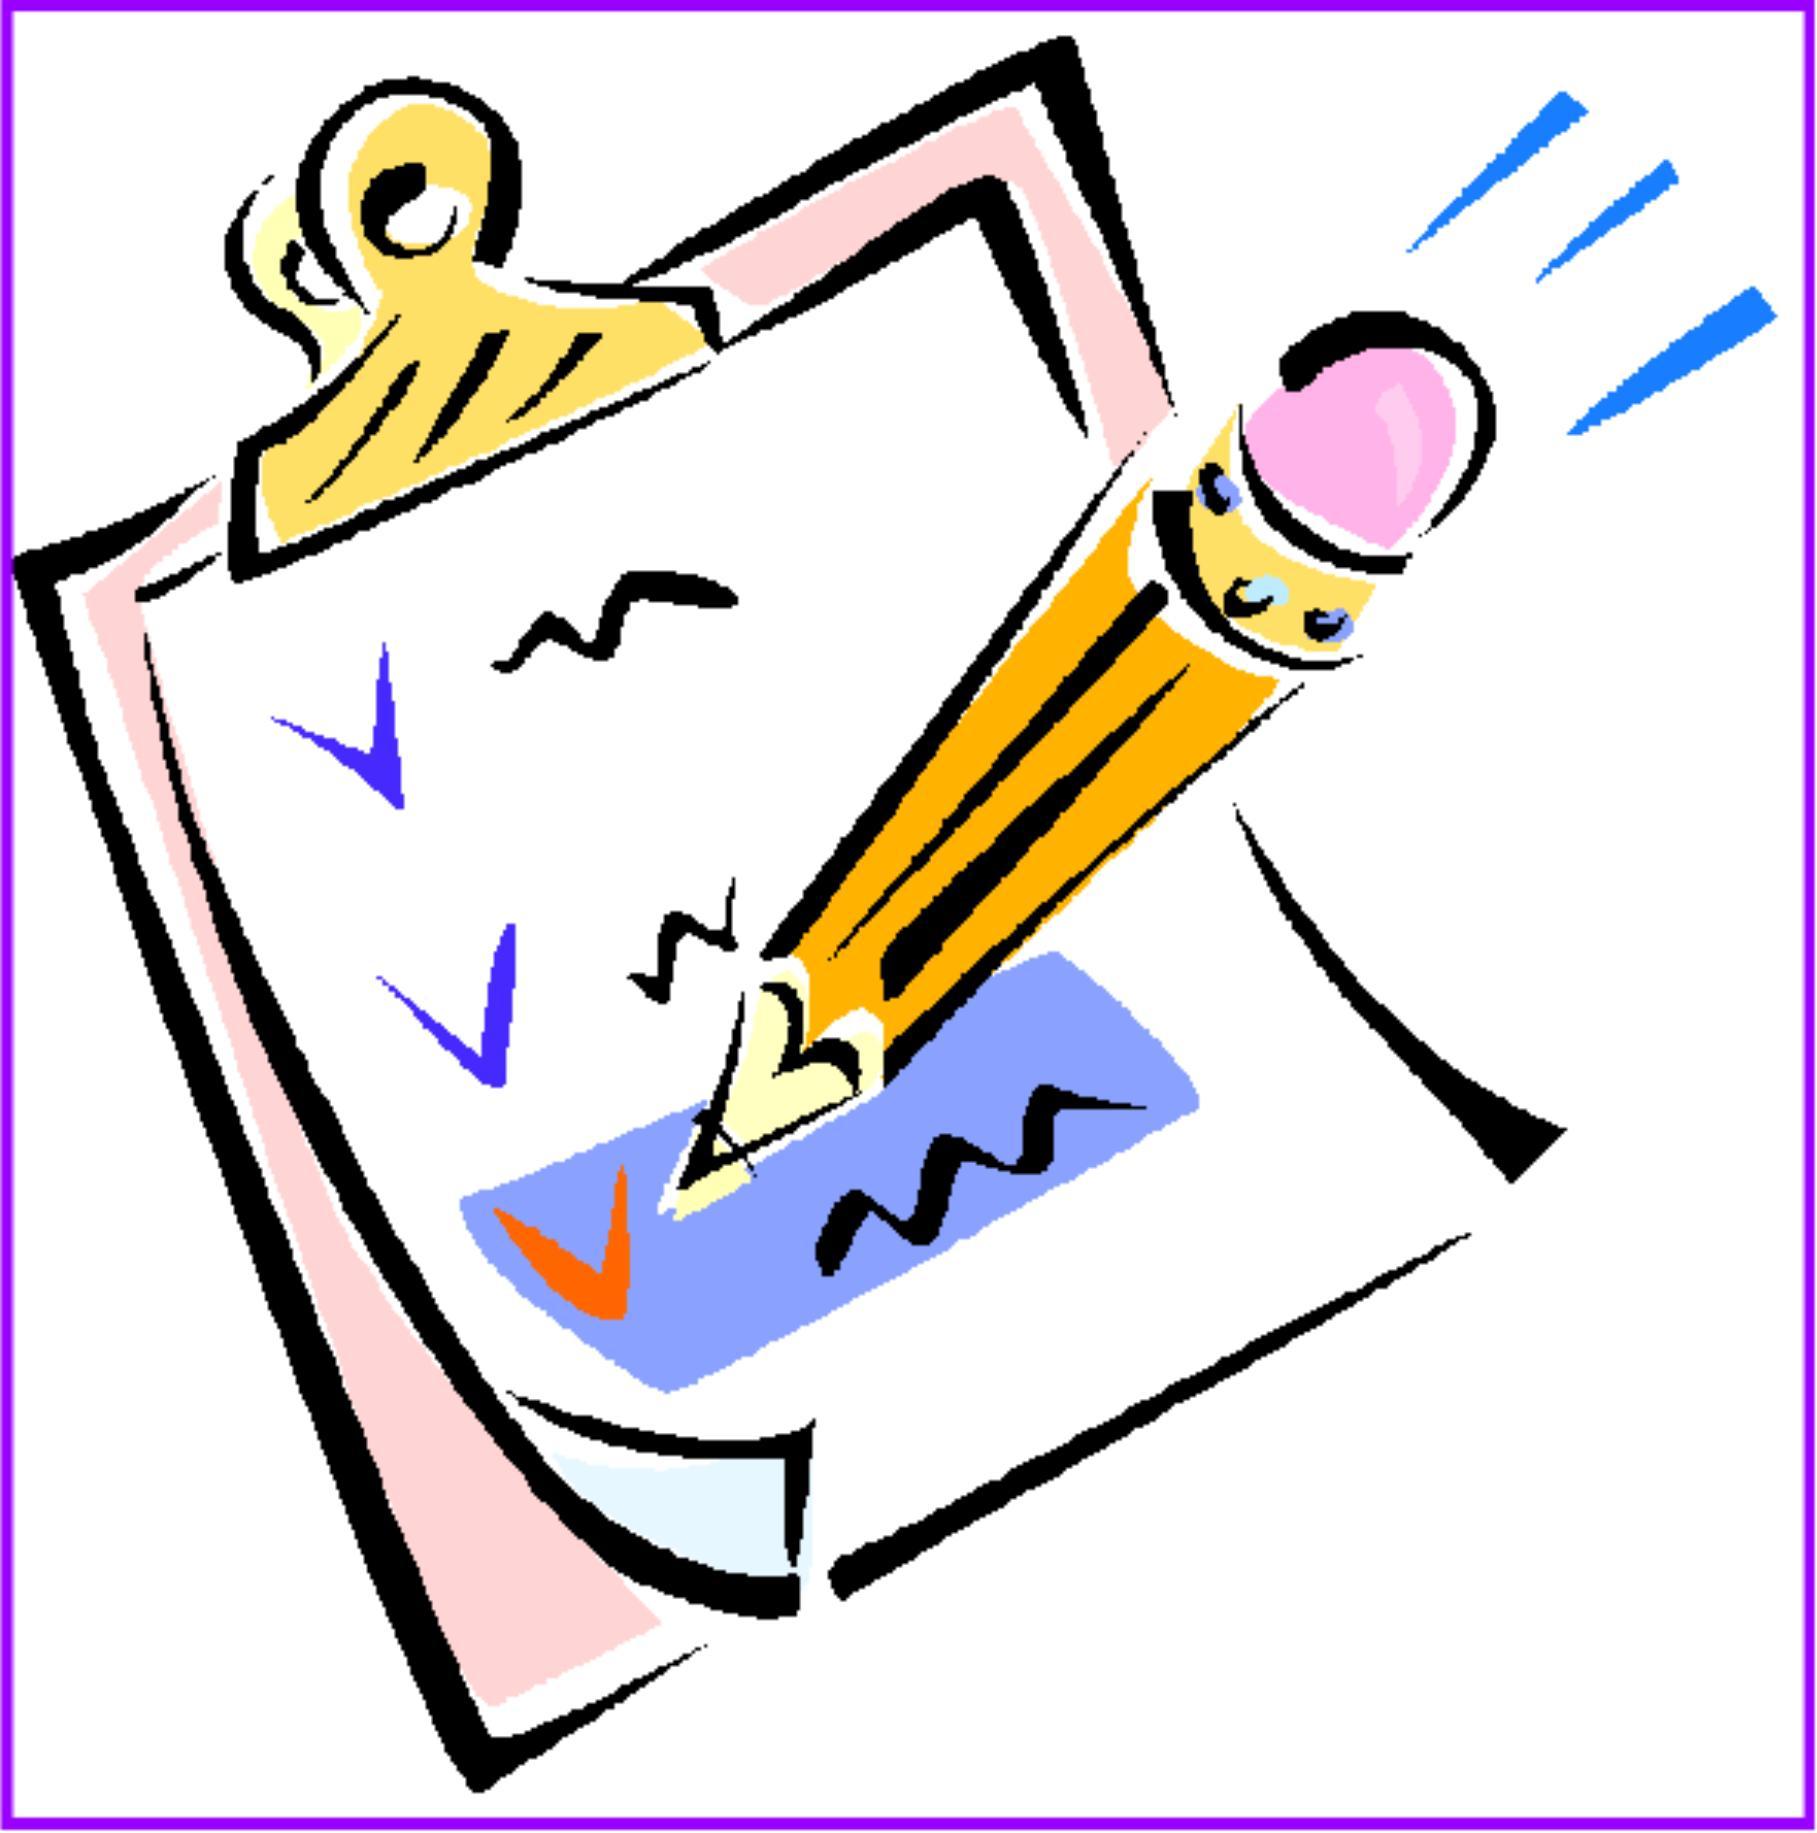 2013 Yılı 2. Dönem ISO 9001:2008 İÇ DENETÇİ EĞİTİMİ - BURSA